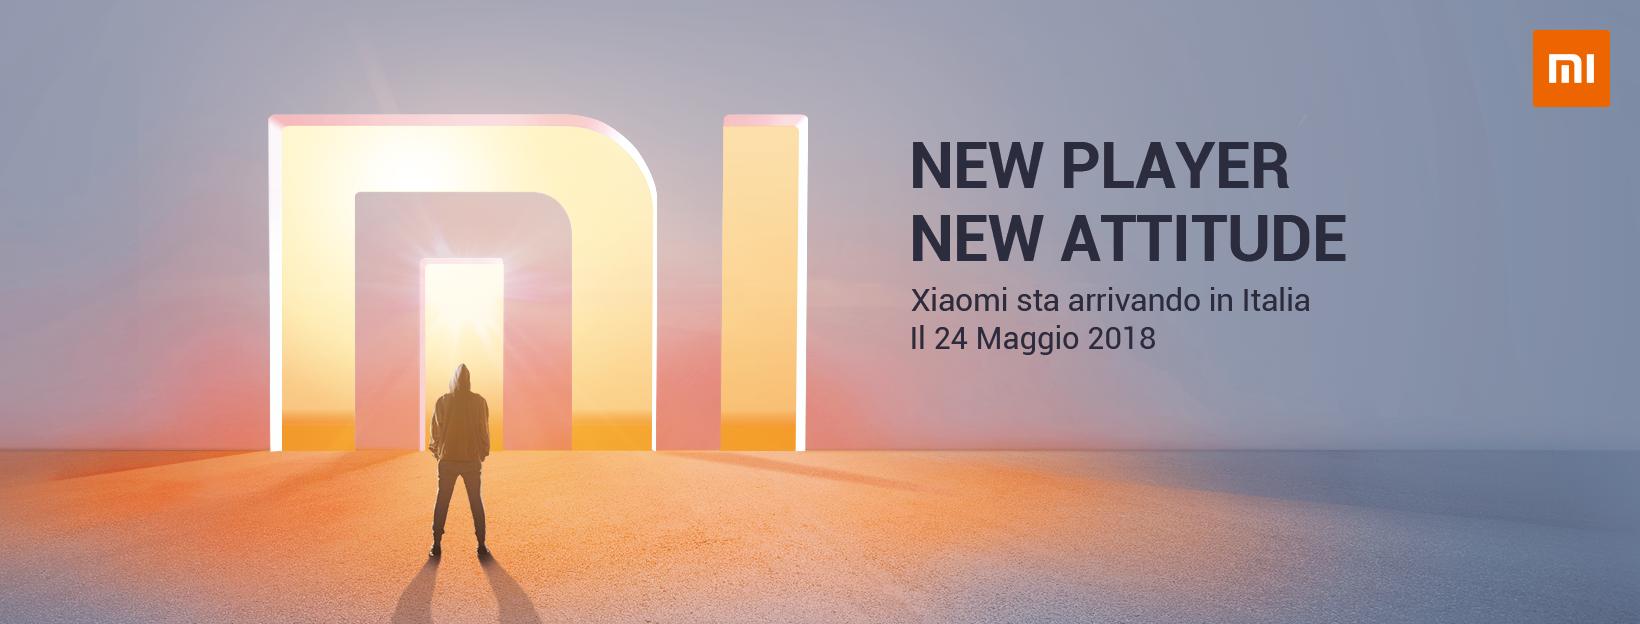 È ufficiale: Xiaomi apre il suo primo store a Milano il 24 maggio